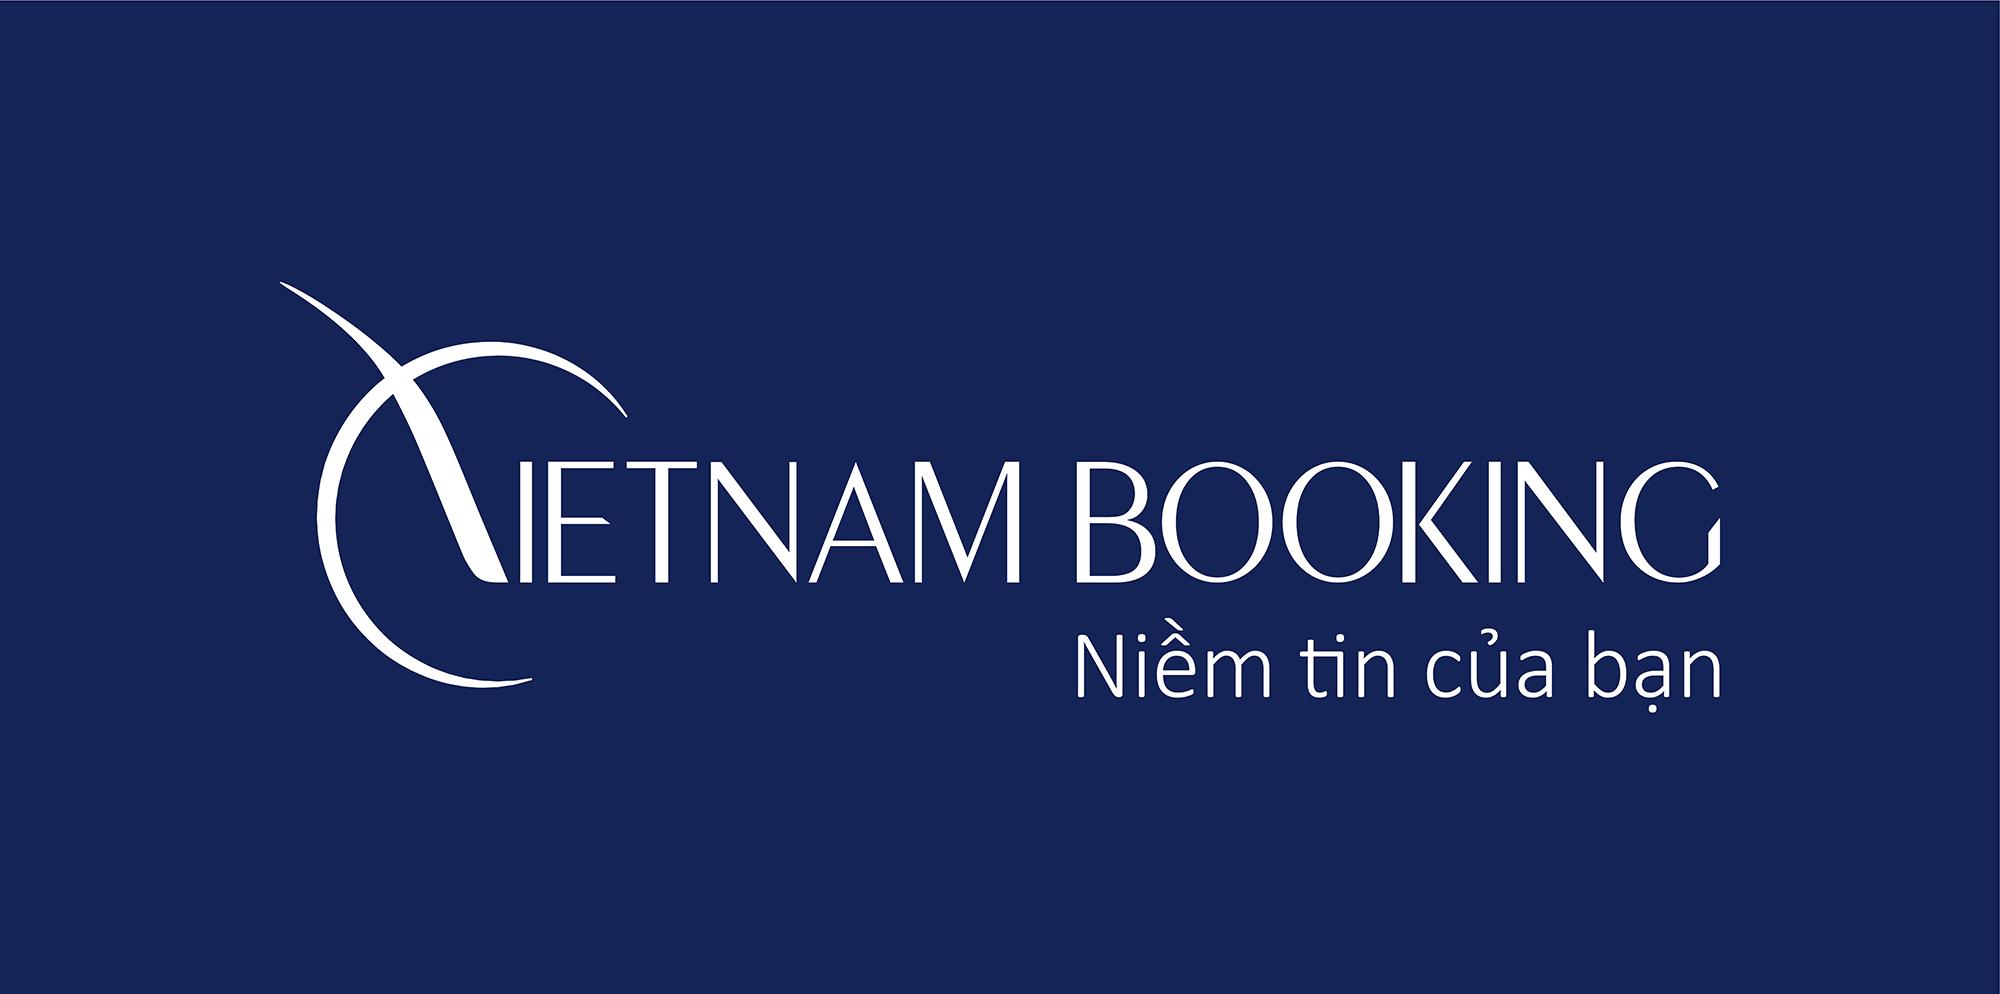 danh sách các khách sạn cách ly tại Hà Nội